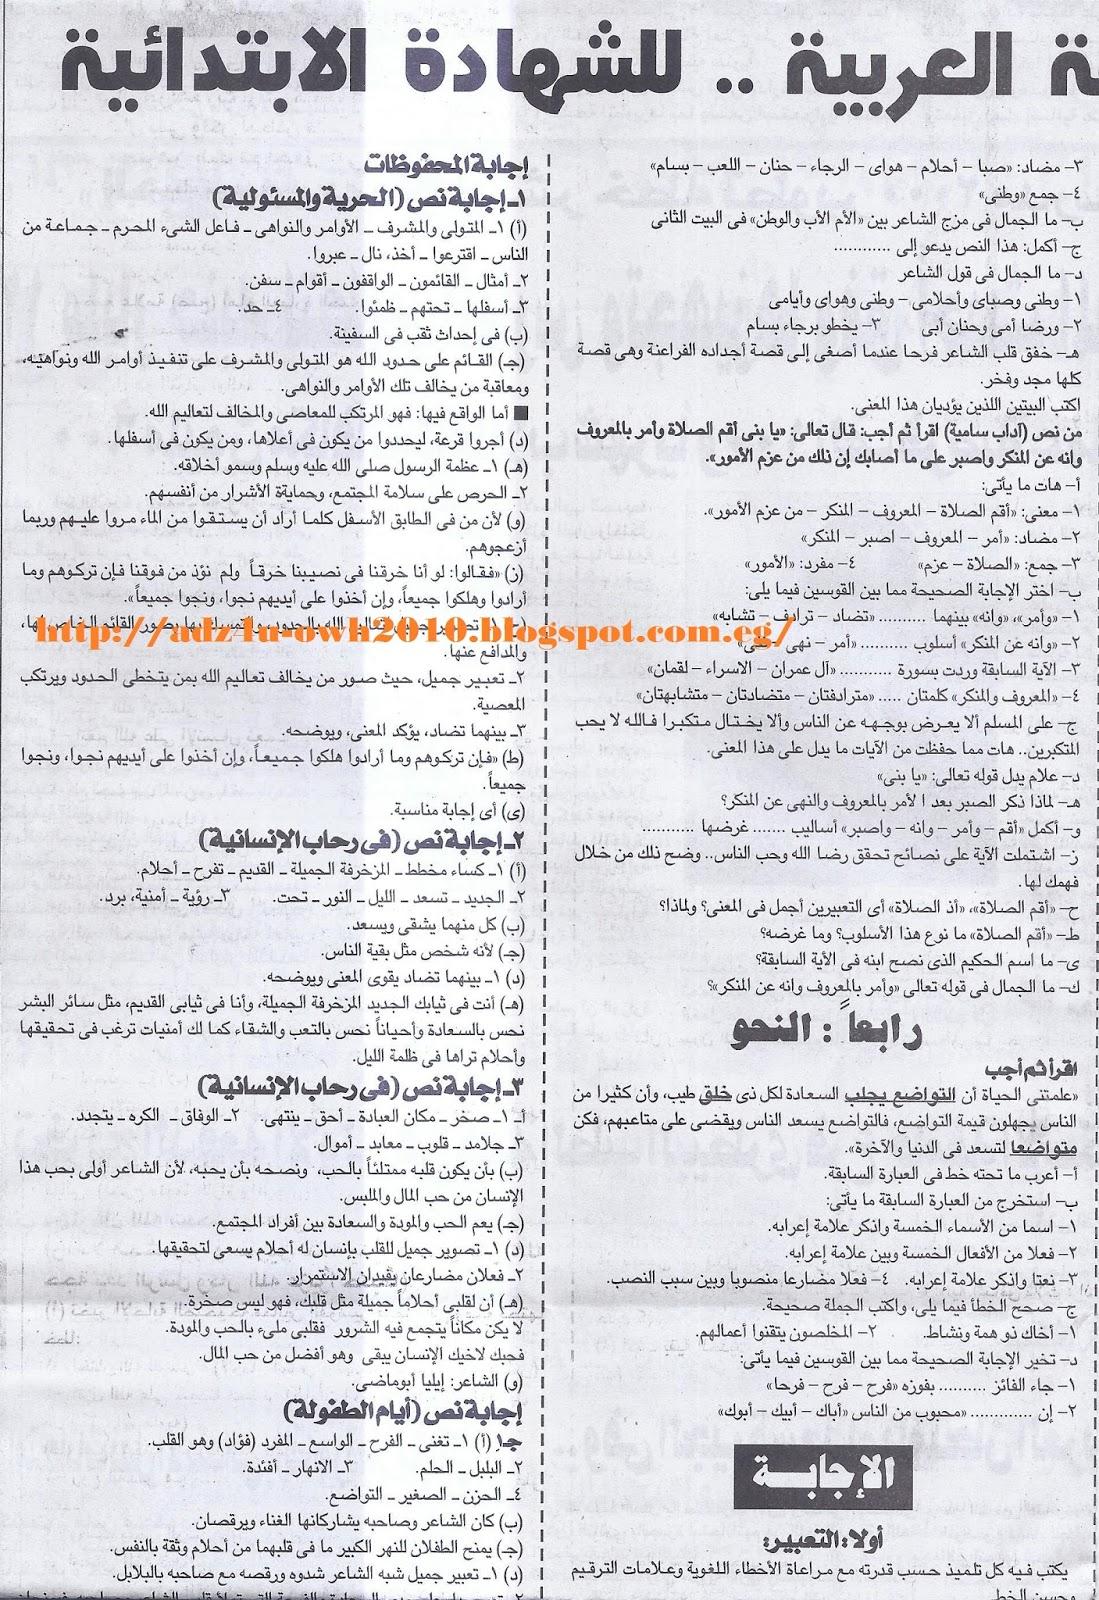 مراجعة لغة عربية مهمة للصف السادس الابتدائي ترم ثاني.. ملحق الجمهورية 2017 Scan0002